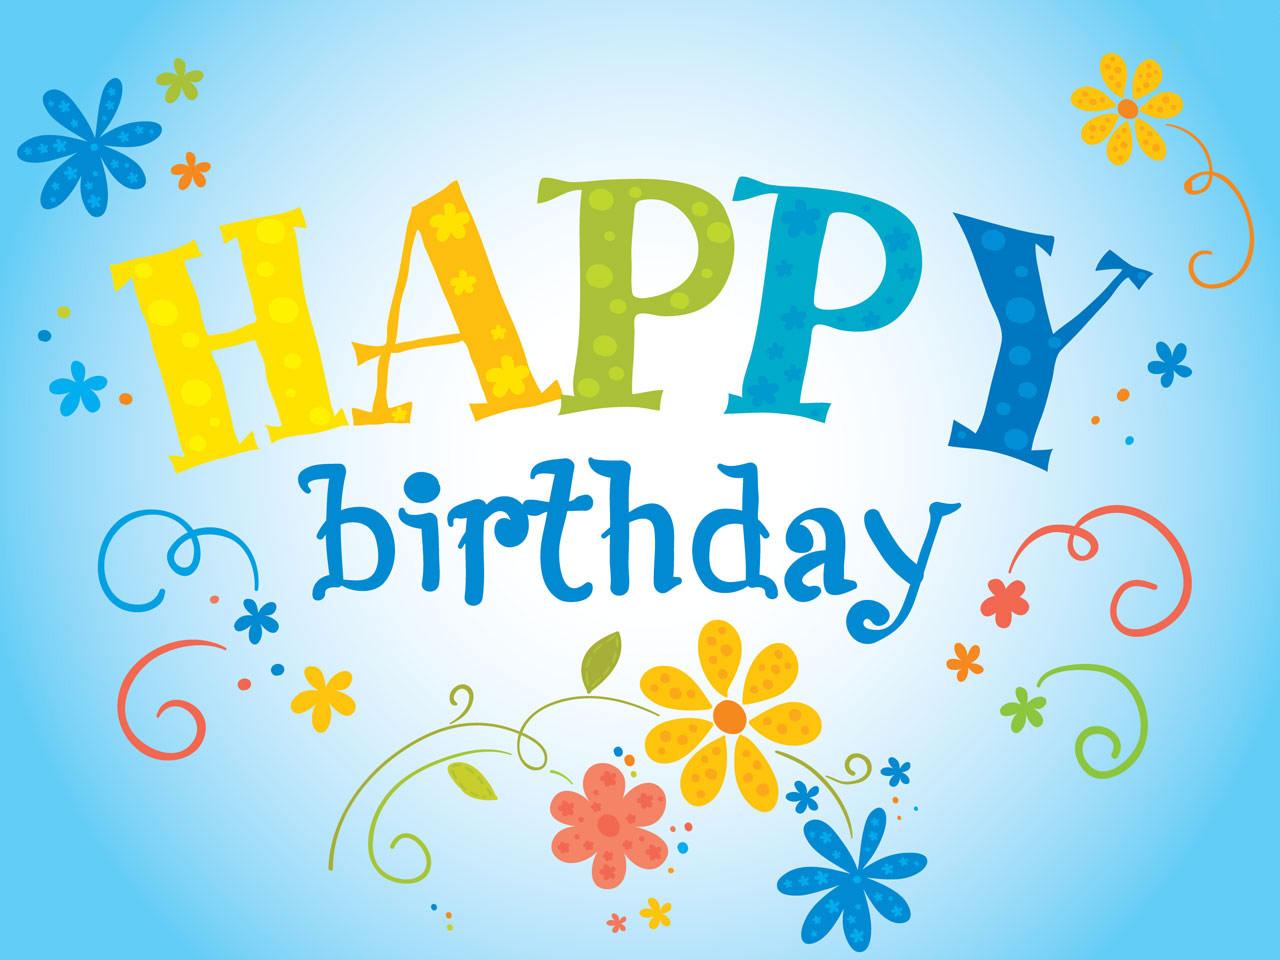 Happy Birthday Wallpaper pictures Desktop Wallpapers 1280x960